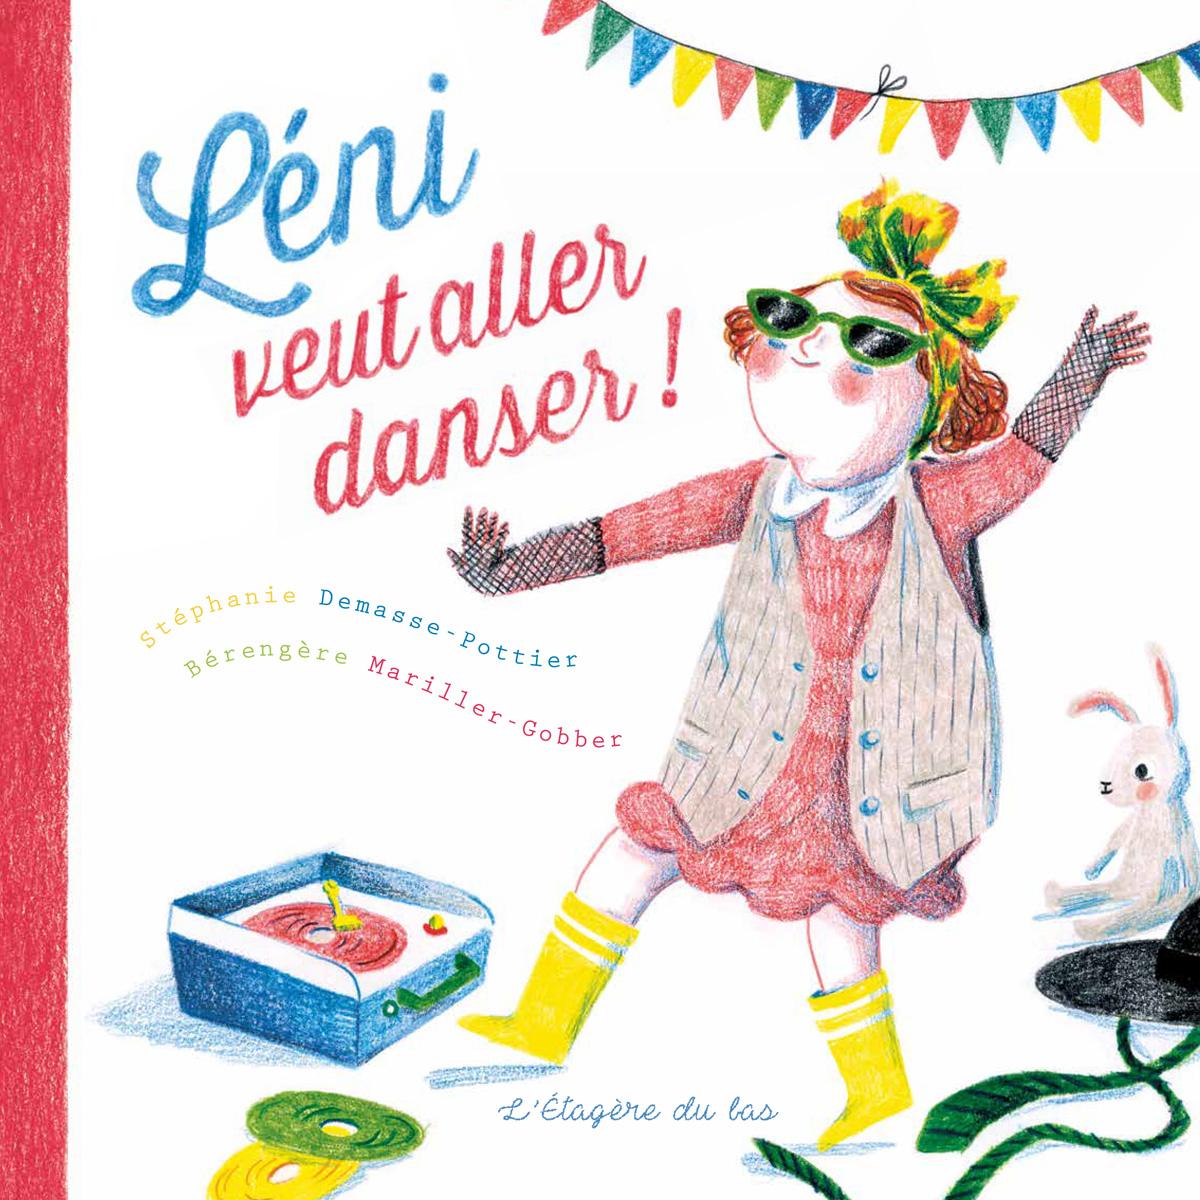 LENI VEUT ALLER DANSER / LENI WANTS TO GO DANSING!